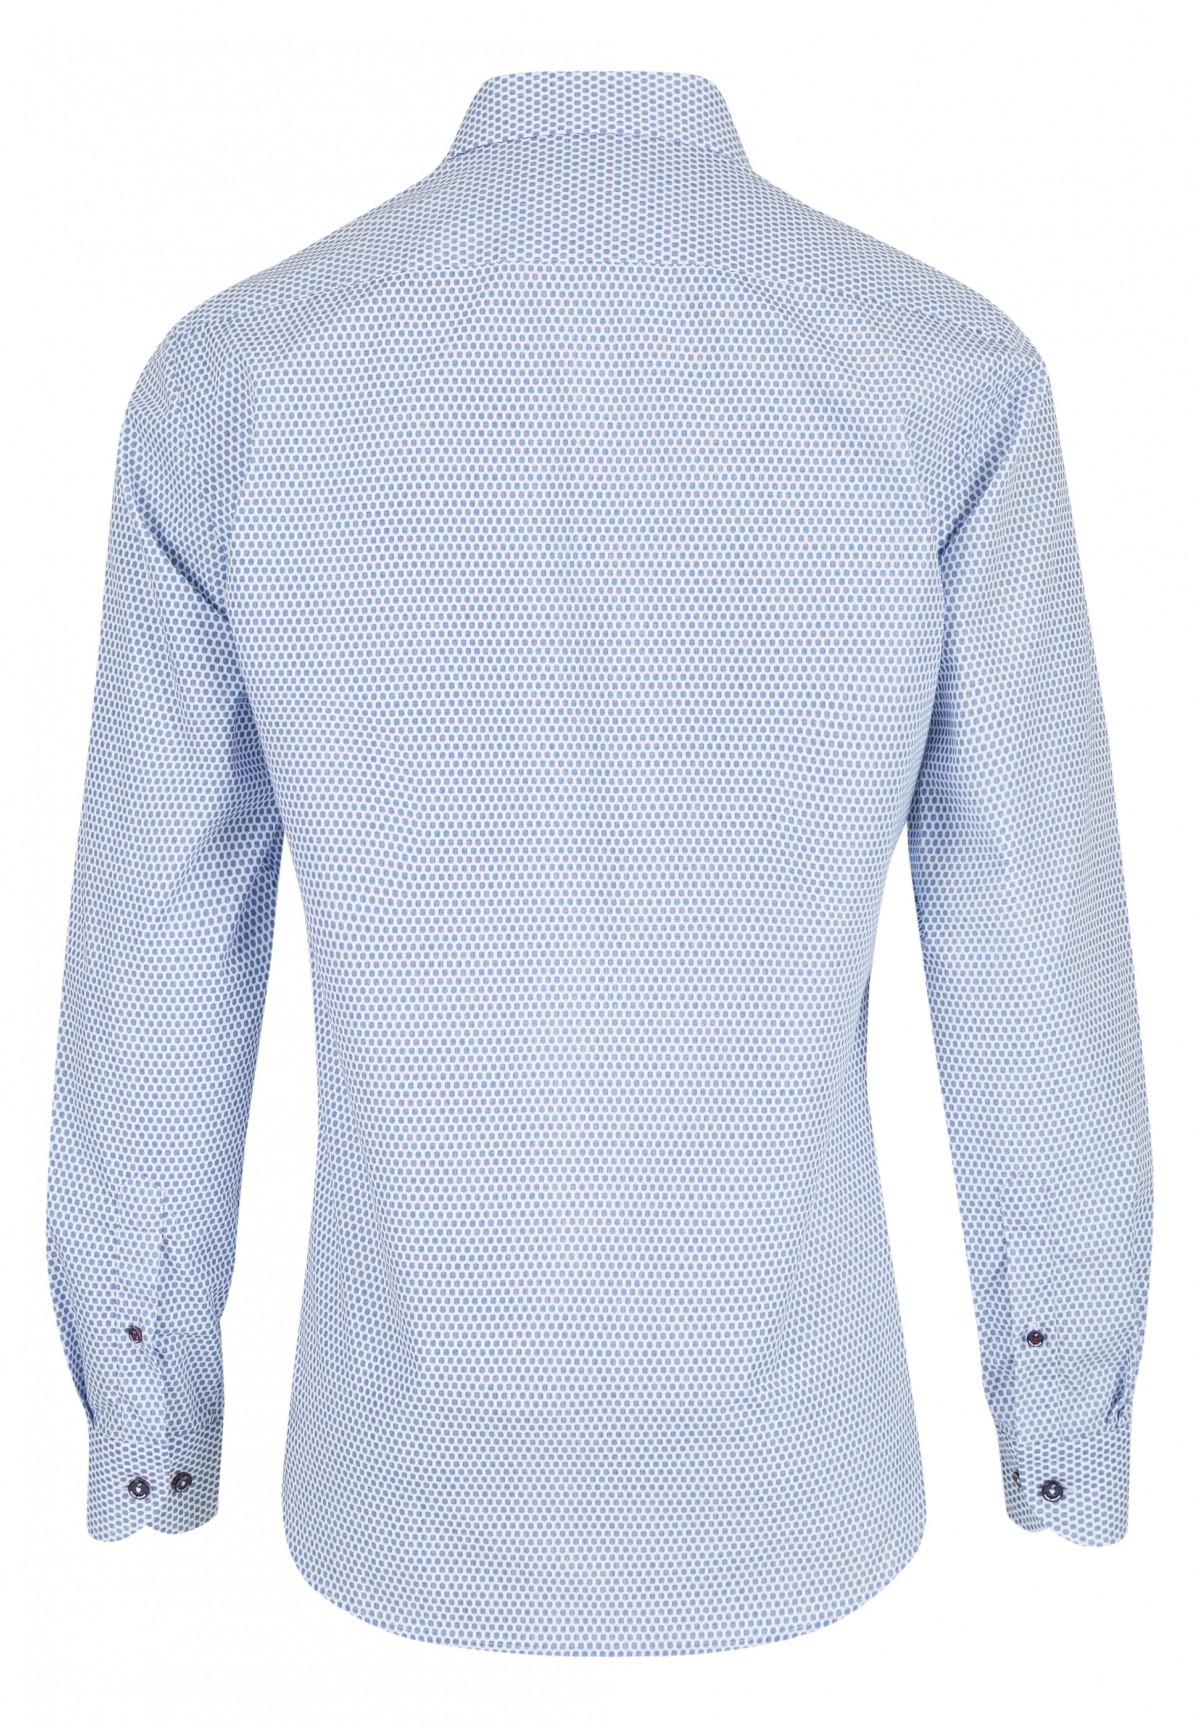 Freizeit-Hemd mit Tupfen-Druck / KENT MODERN FIT